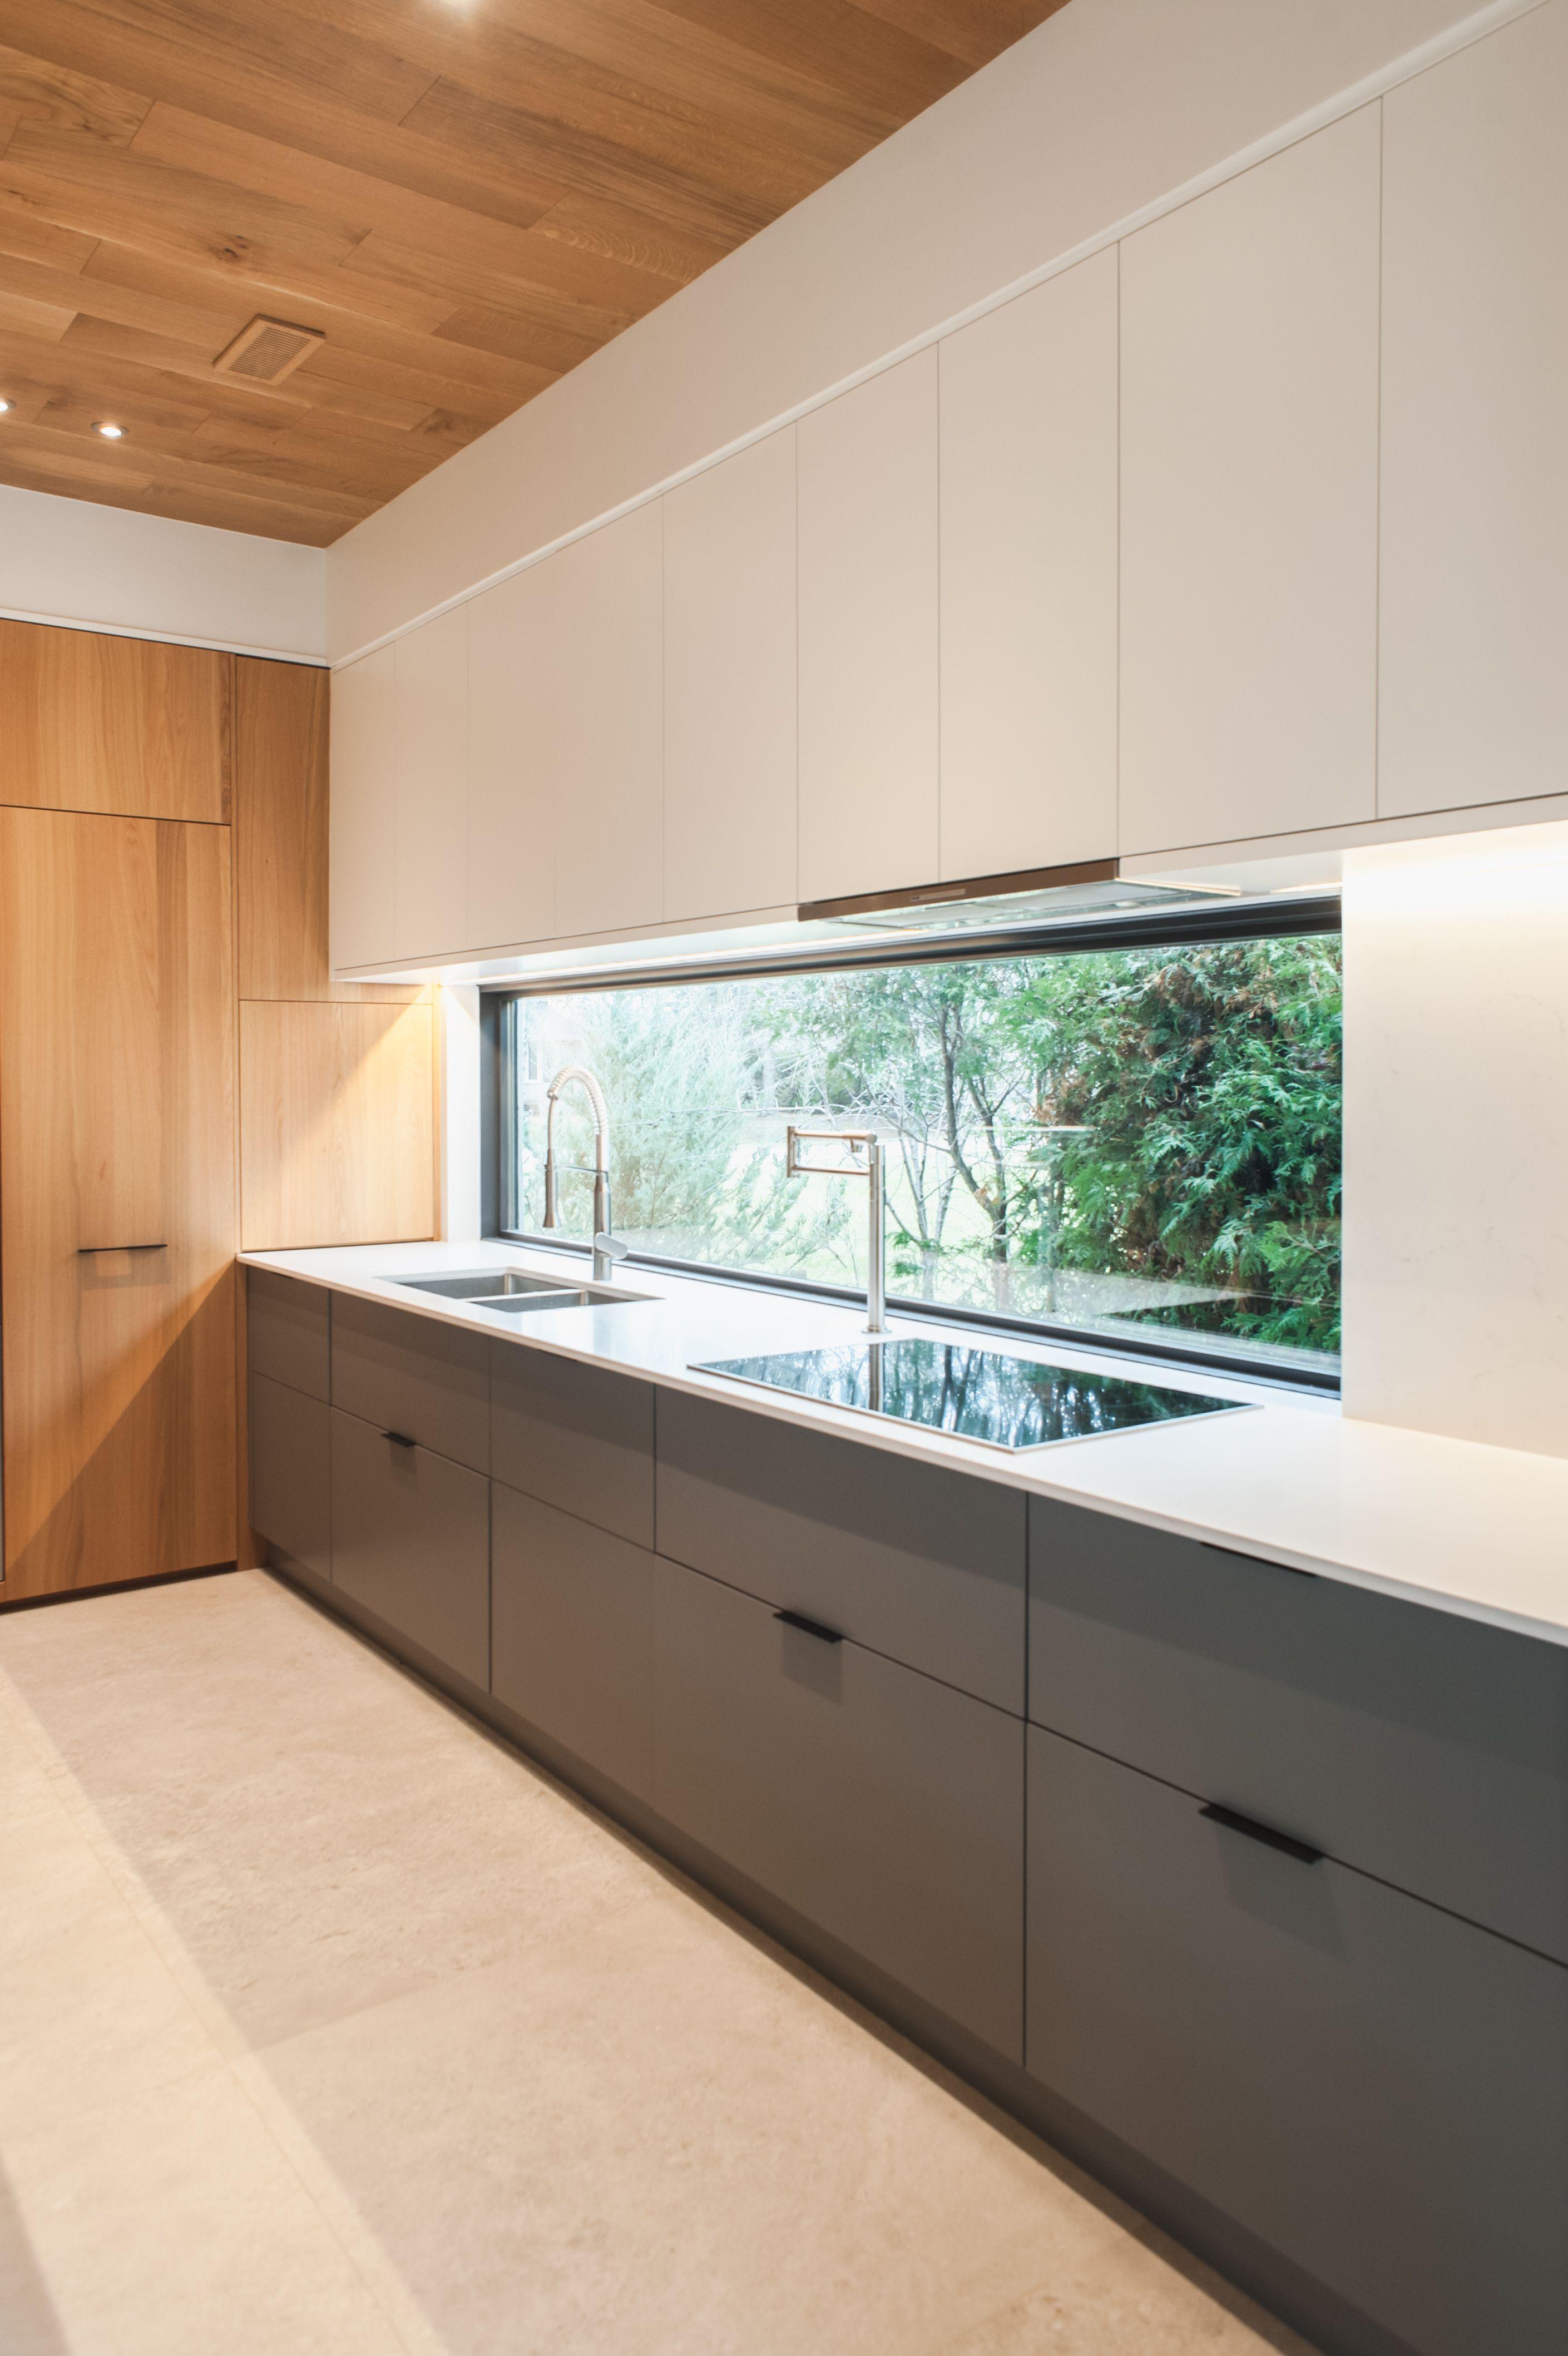 Beautiful Kitchens Built in Peterborough